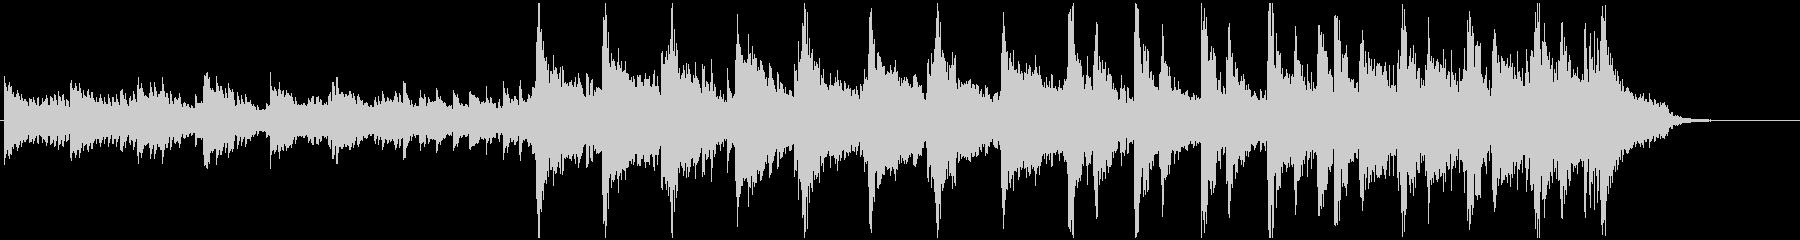 ピアノ、弦楽器、ベース、グロッケン...の未再生の波形